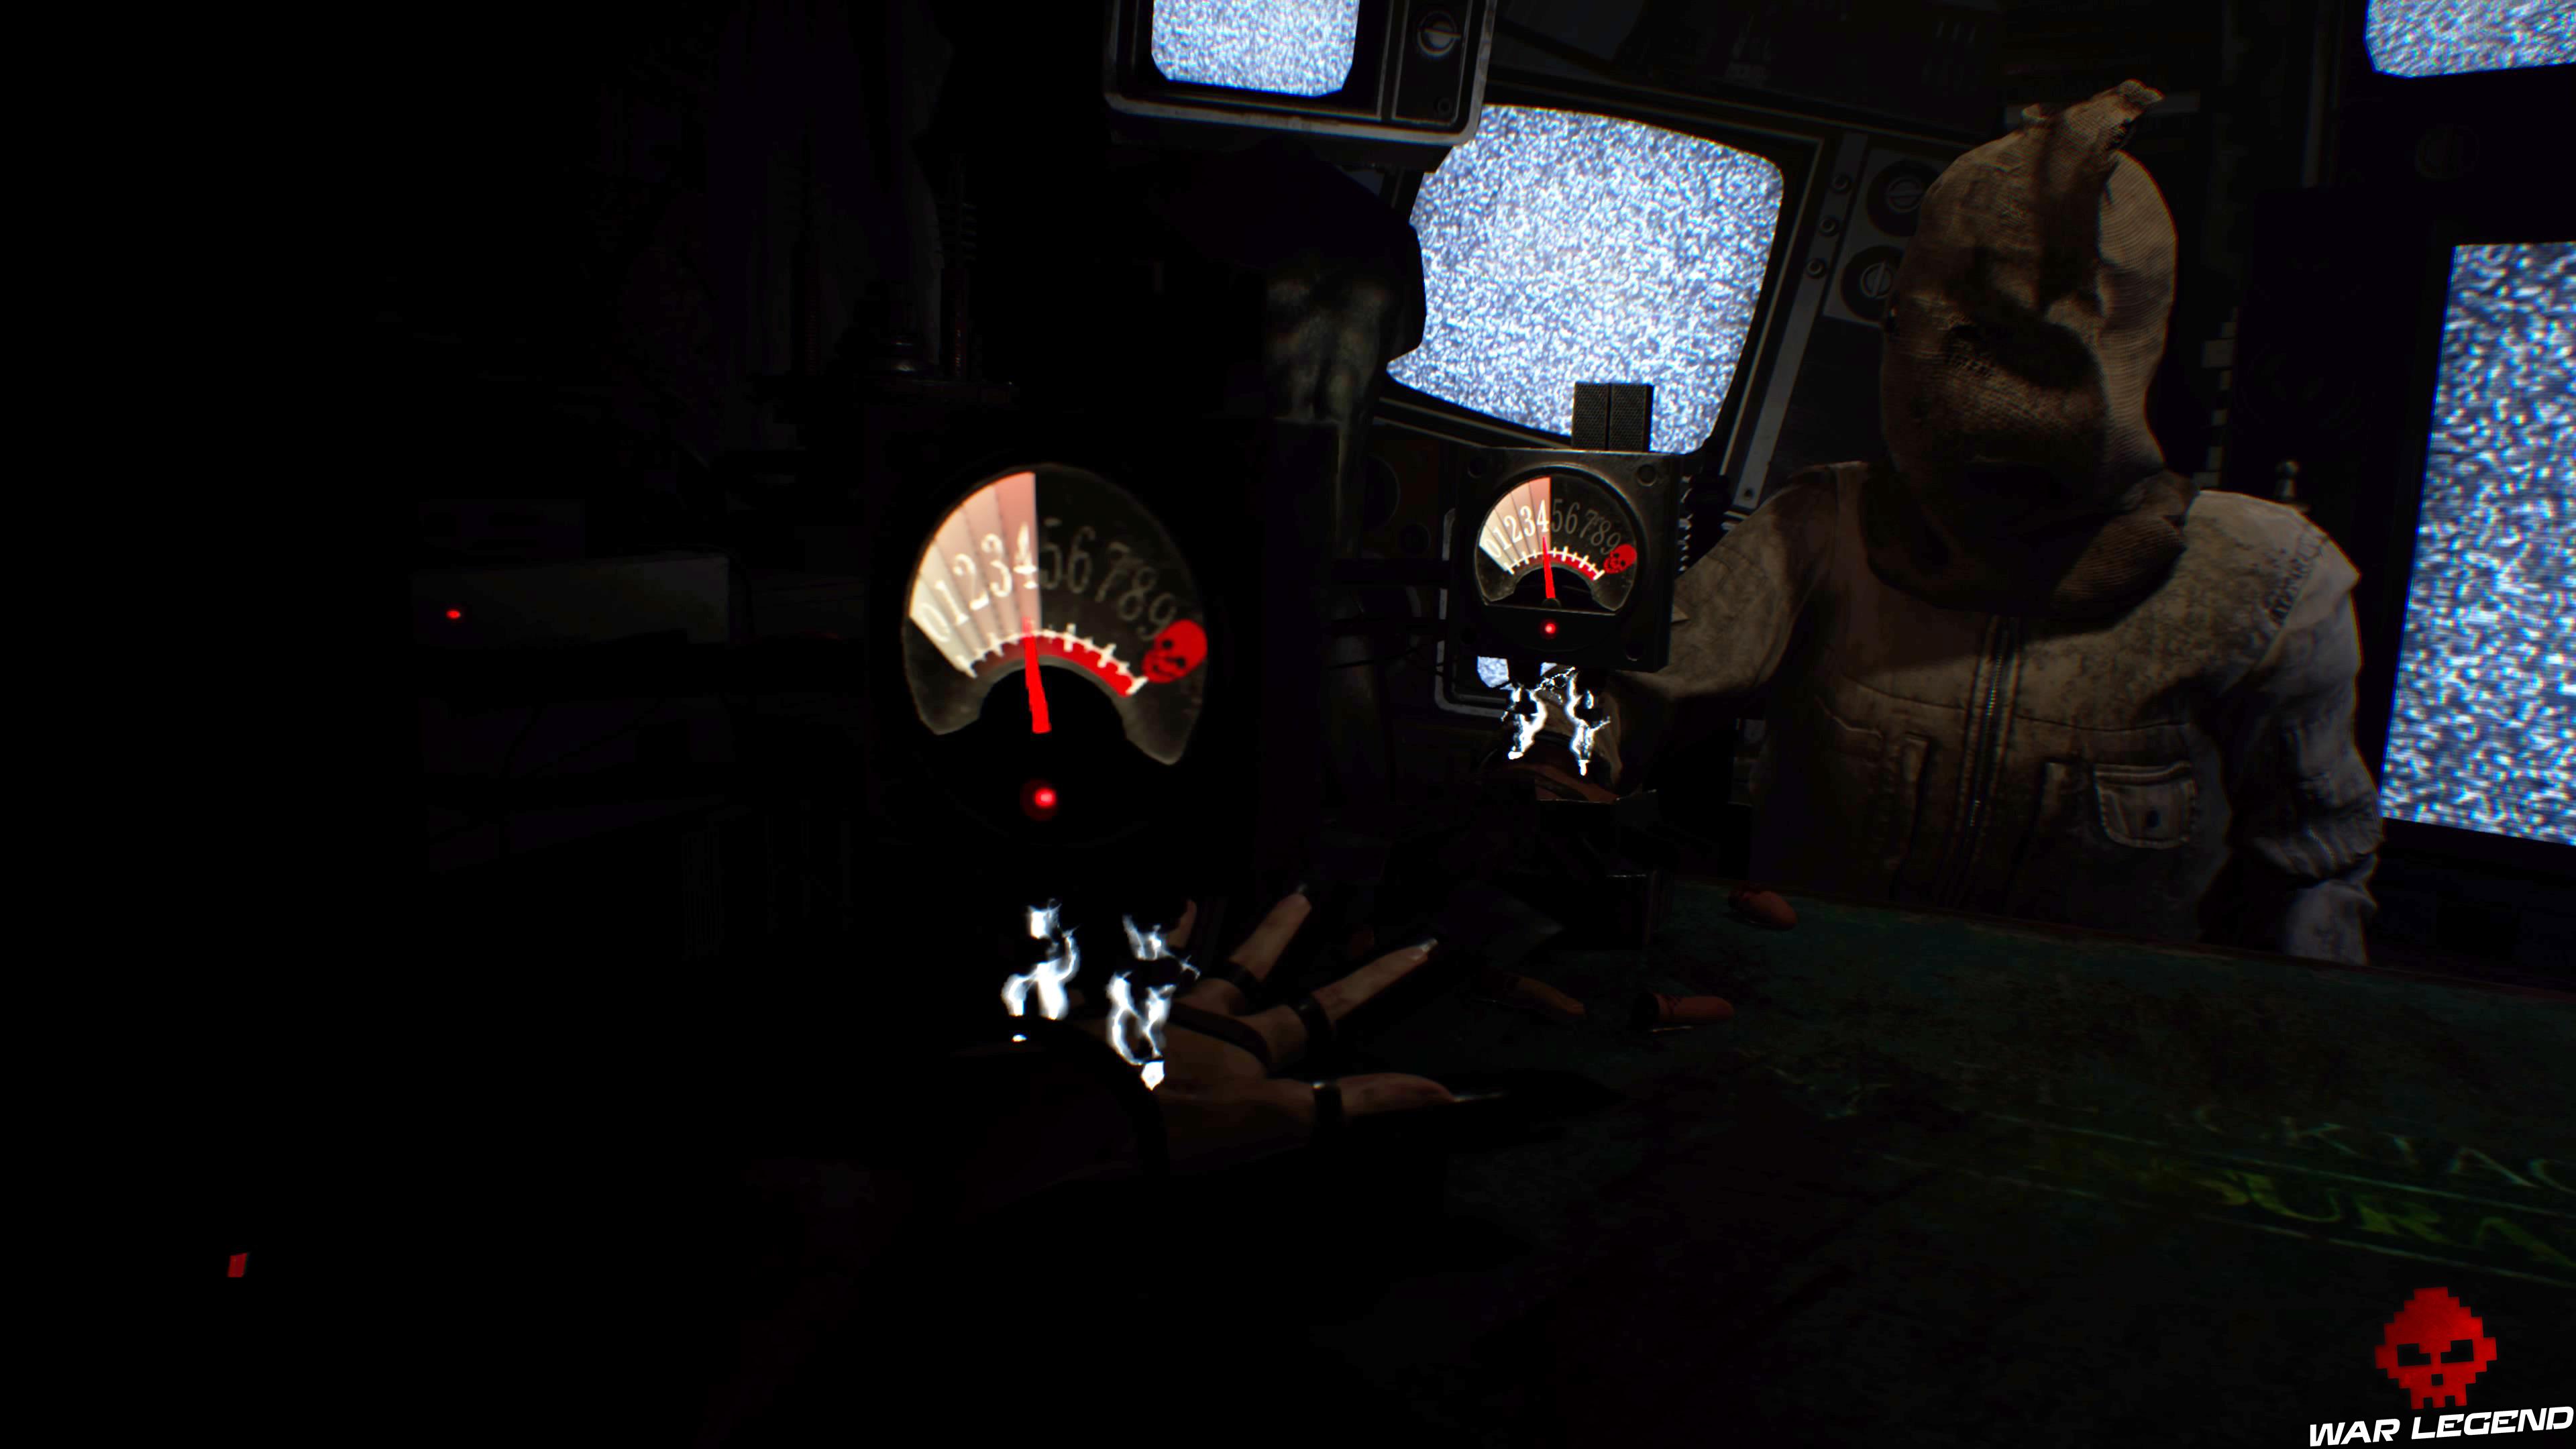 Solution Resident Evil 7 Biohazard - Vingt-et-un compteur électrique menaçant